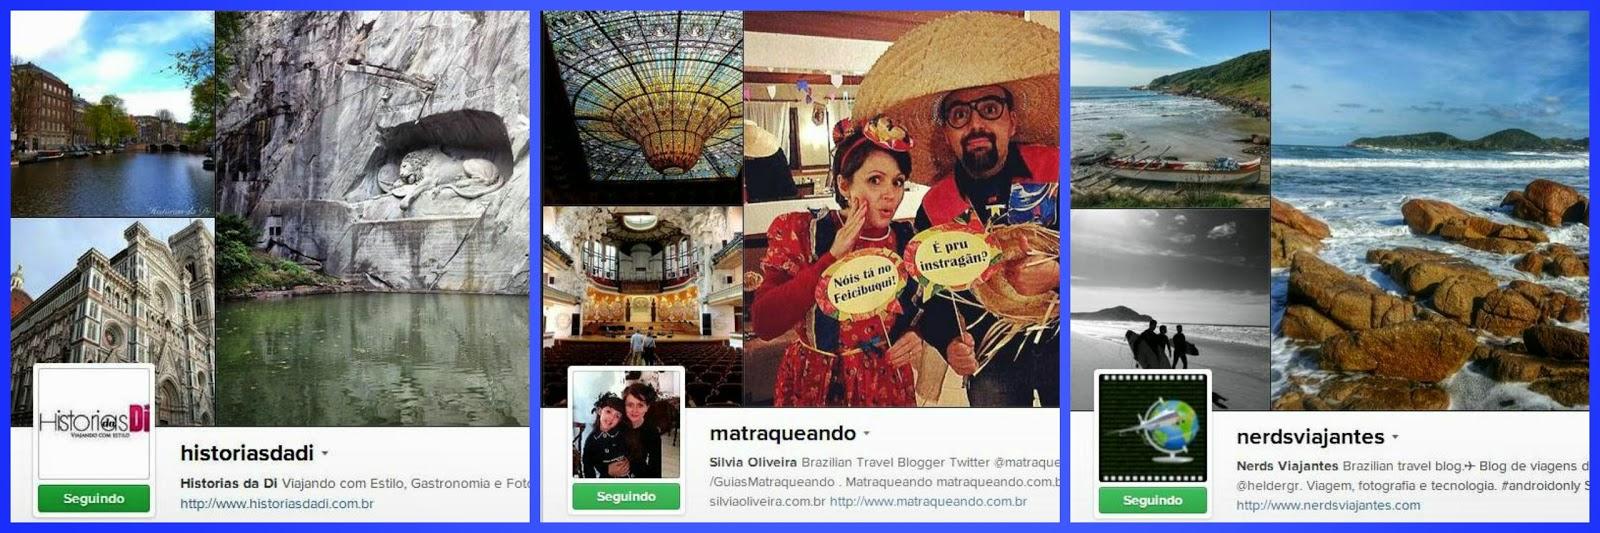 Instagram de blogs de viagem